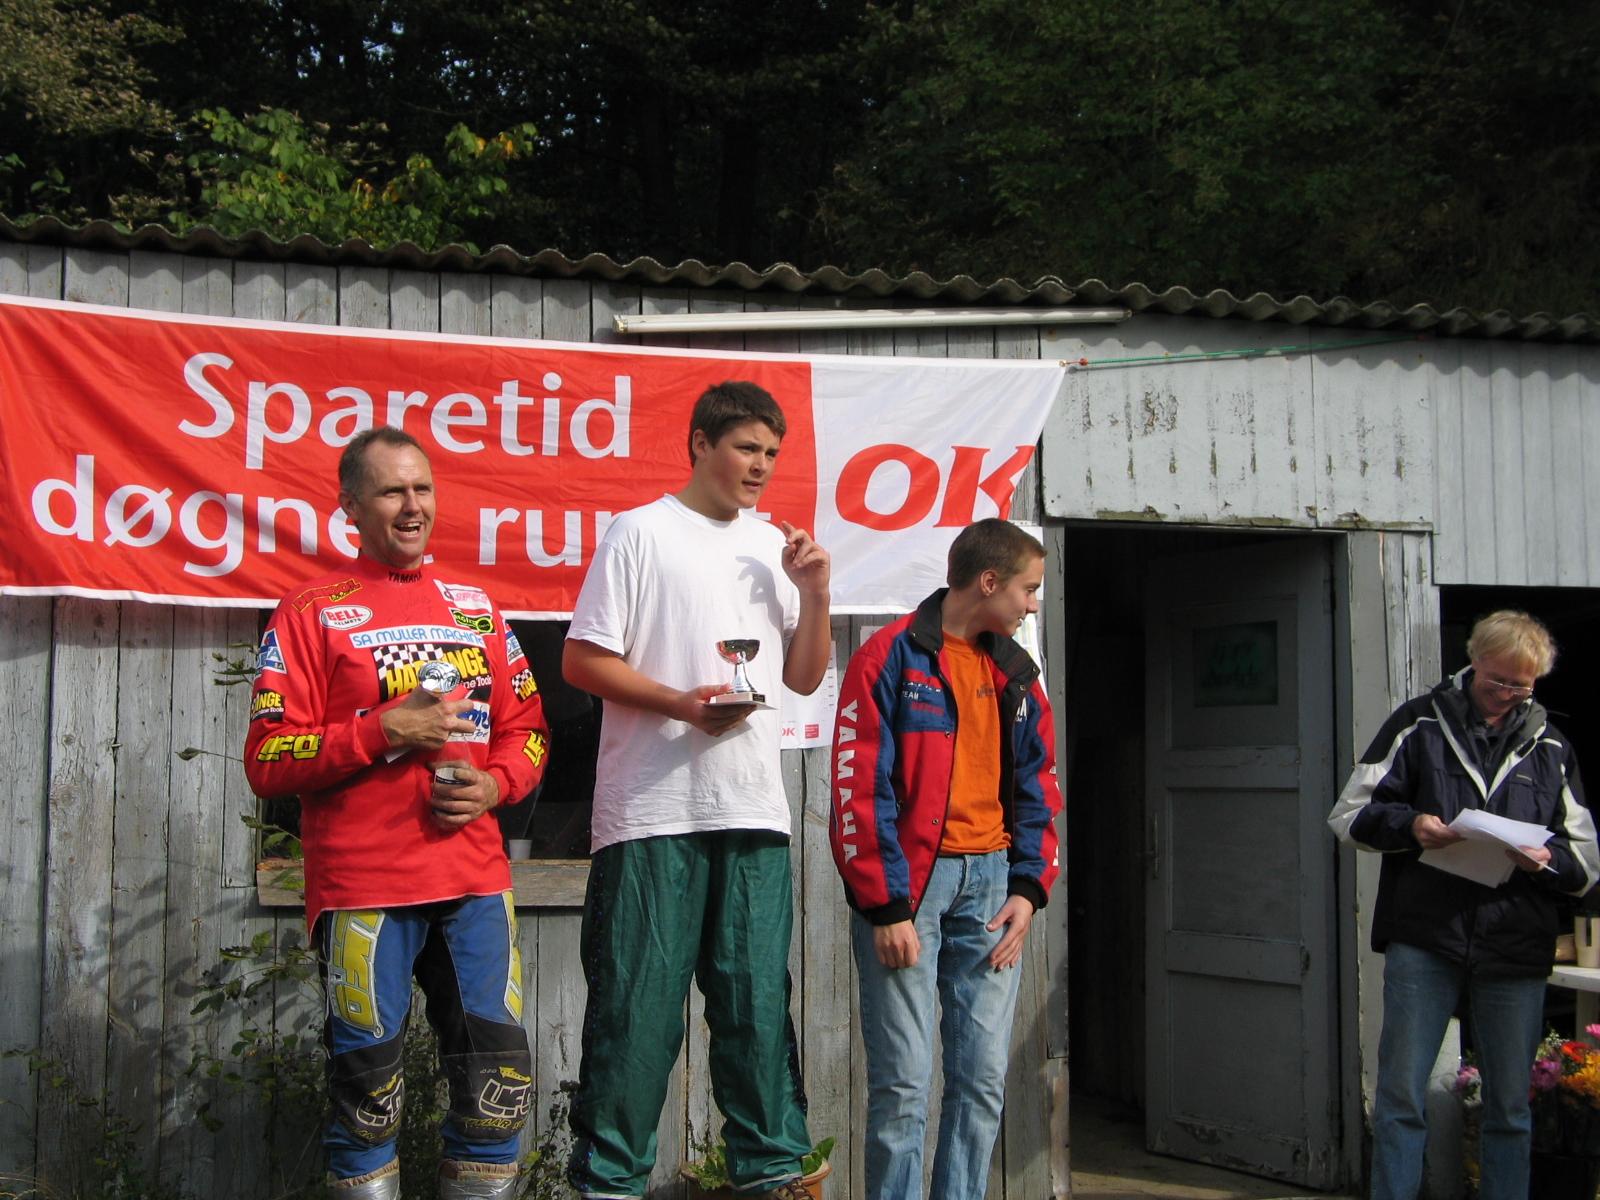 Mark Nielsen vandt C foran Torben Pedersen